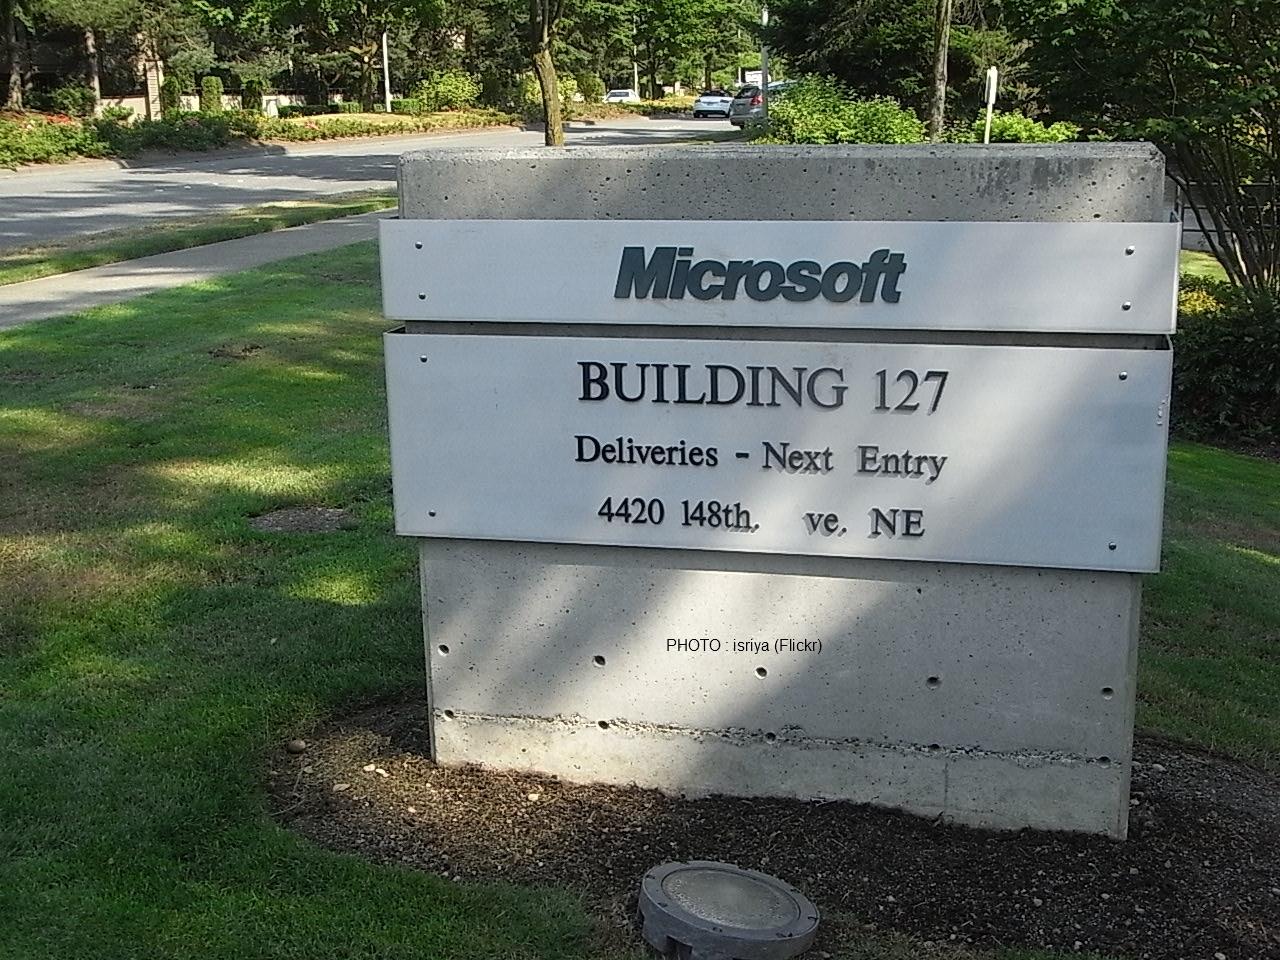 再見微軟 – 合法替代收費軟件綜合方案